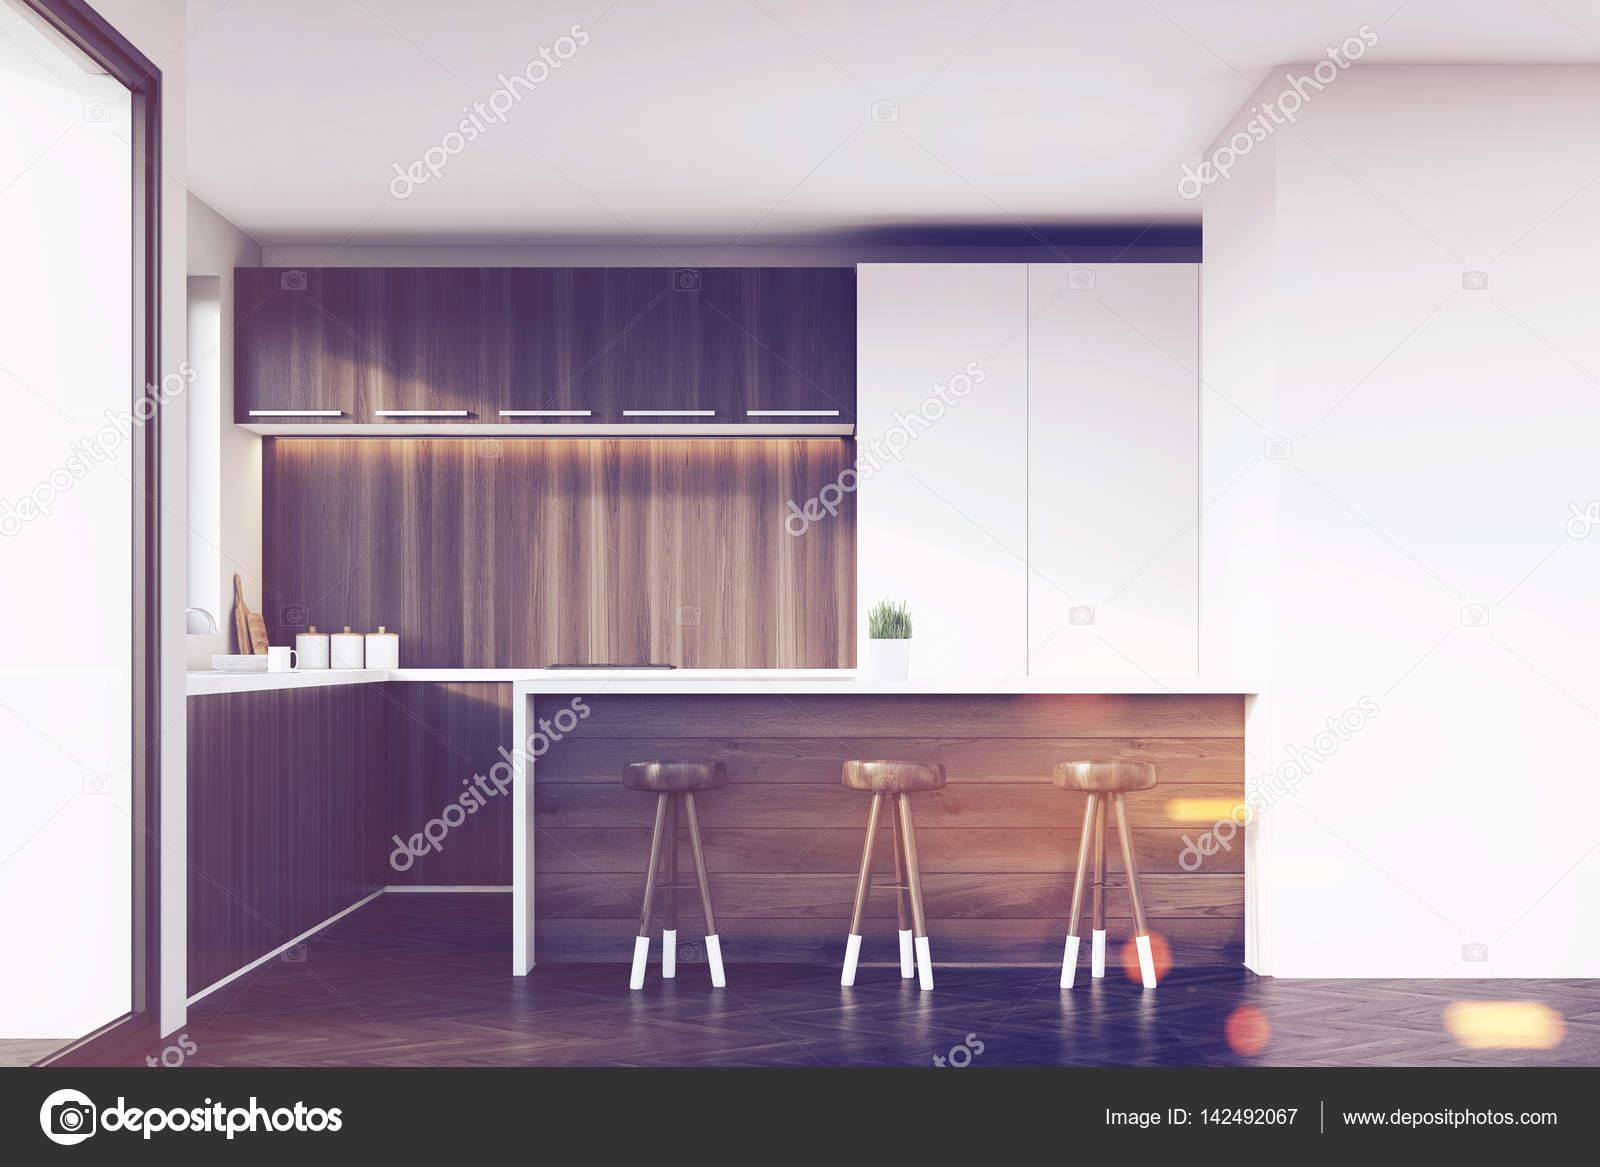 Cucina con sgabelli e bar tonica u foto stock denisismagilov